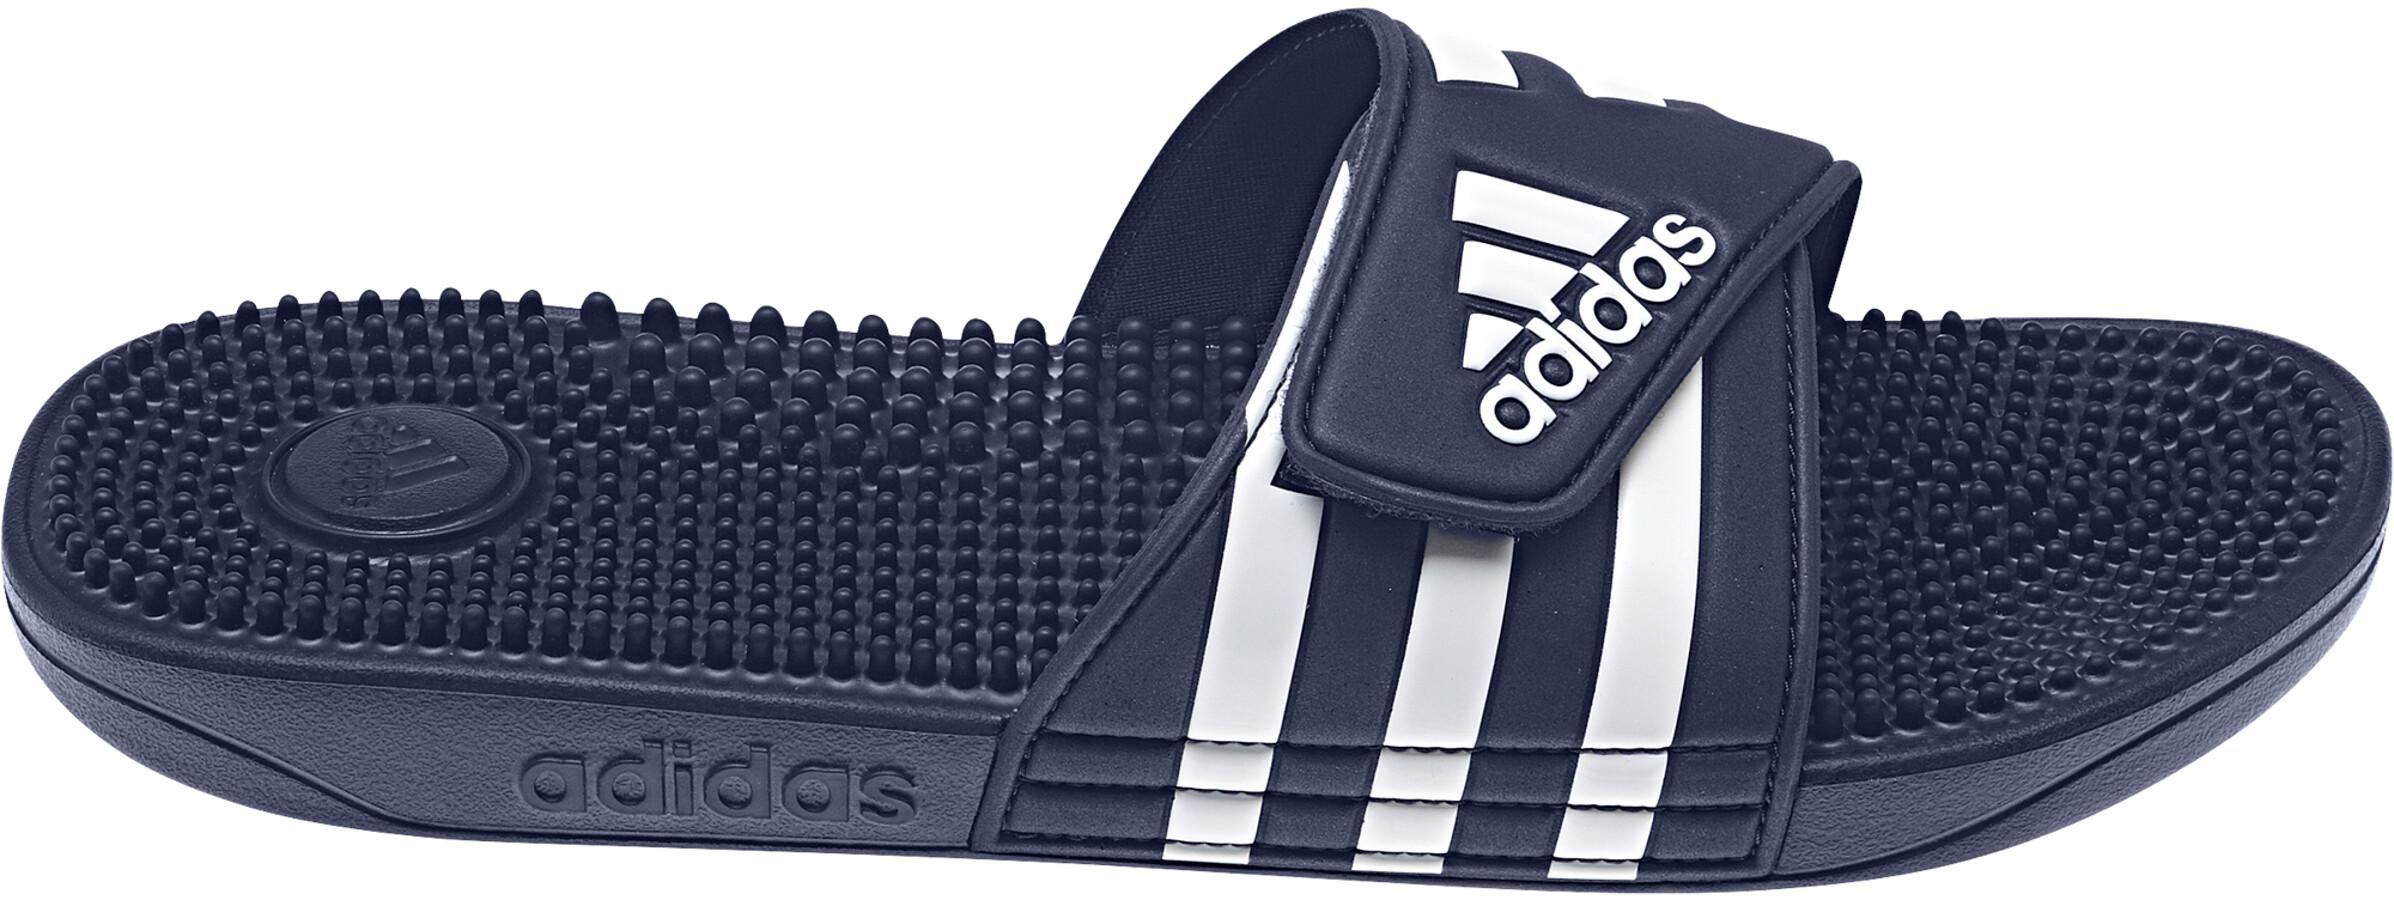 best website eea10 141b6 adidas Adissage Teenslippers en sandalen Heren blauw